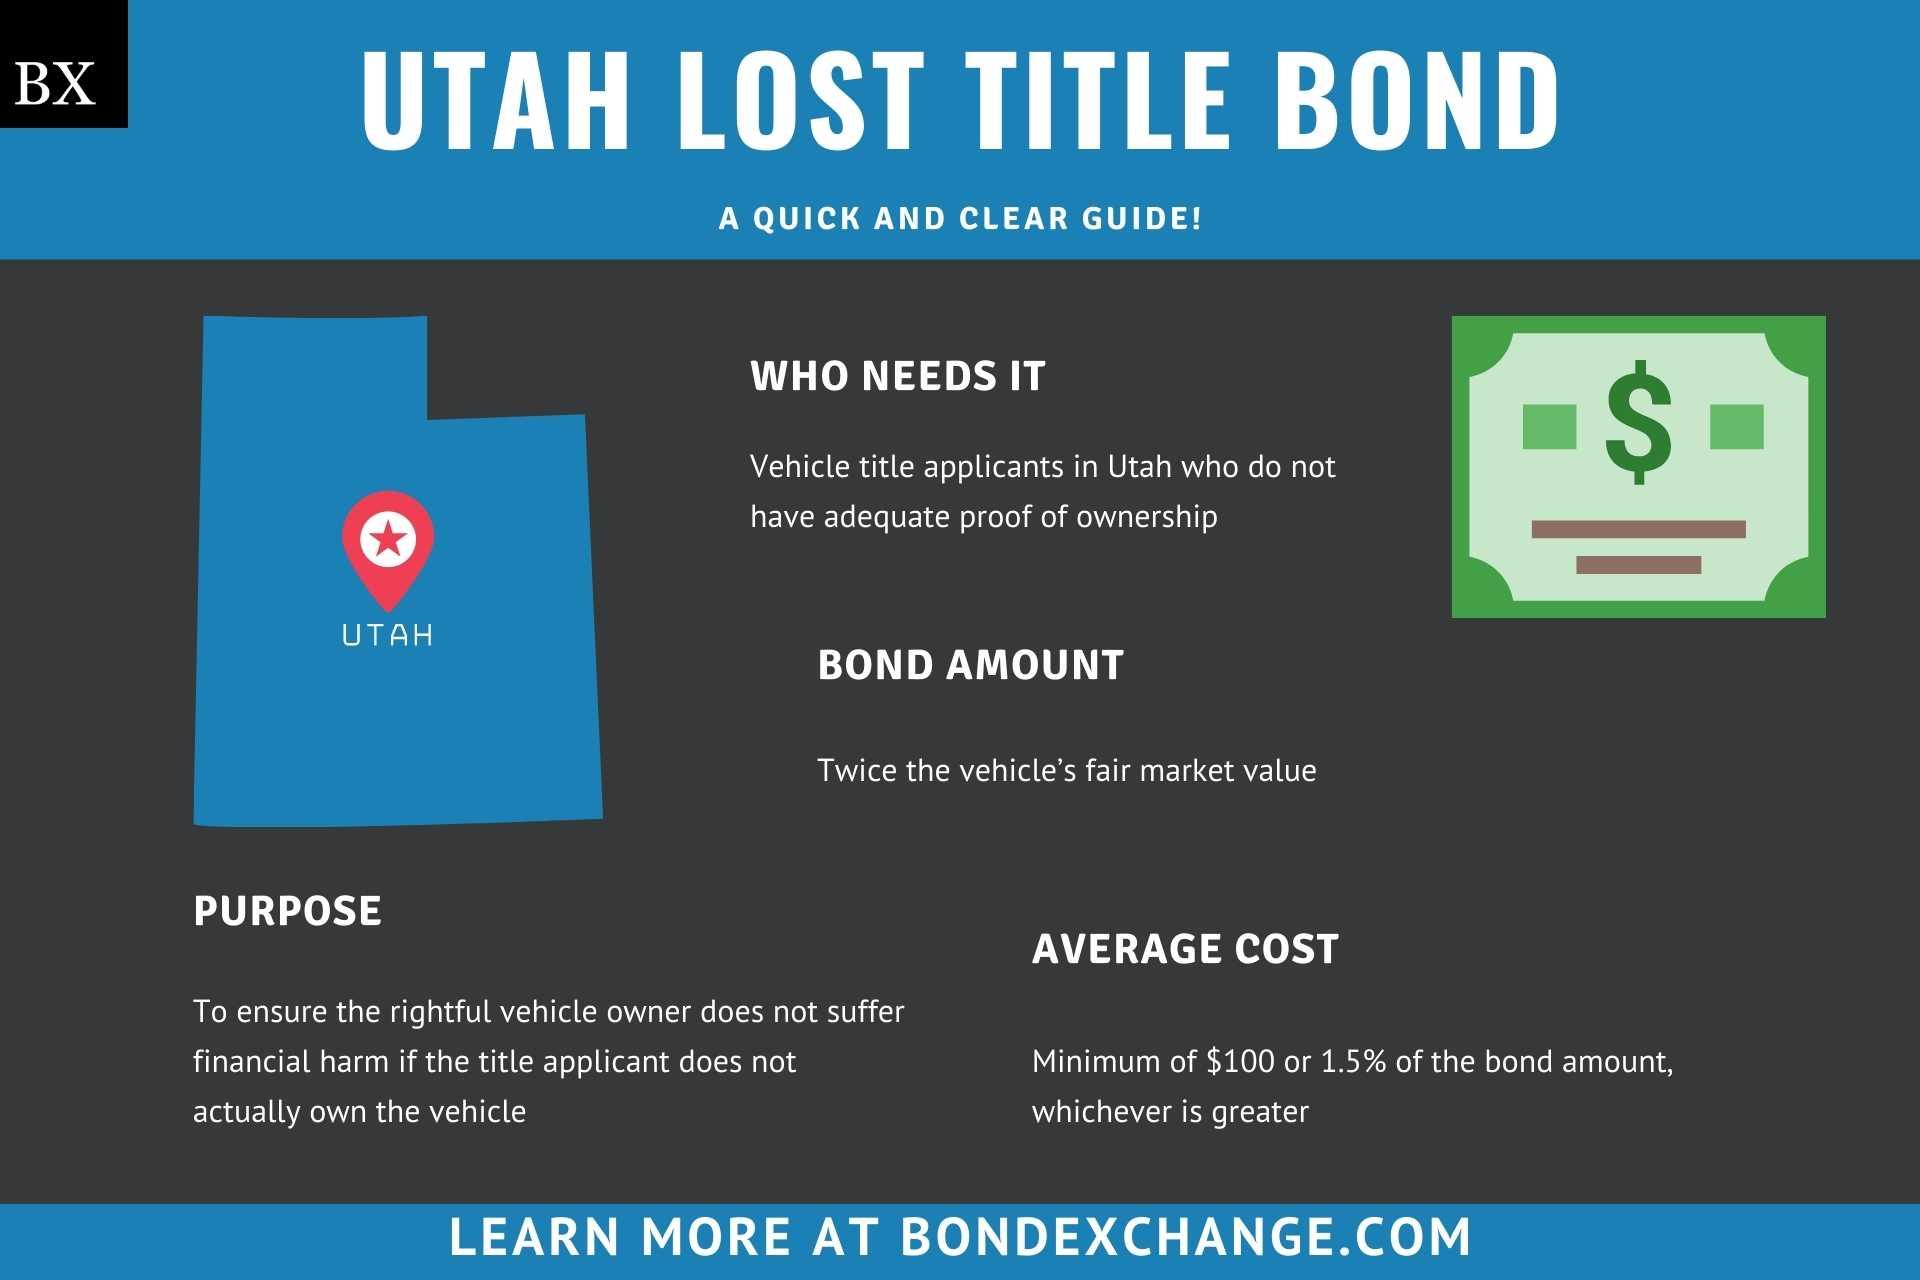 Utah Lost Title Bond